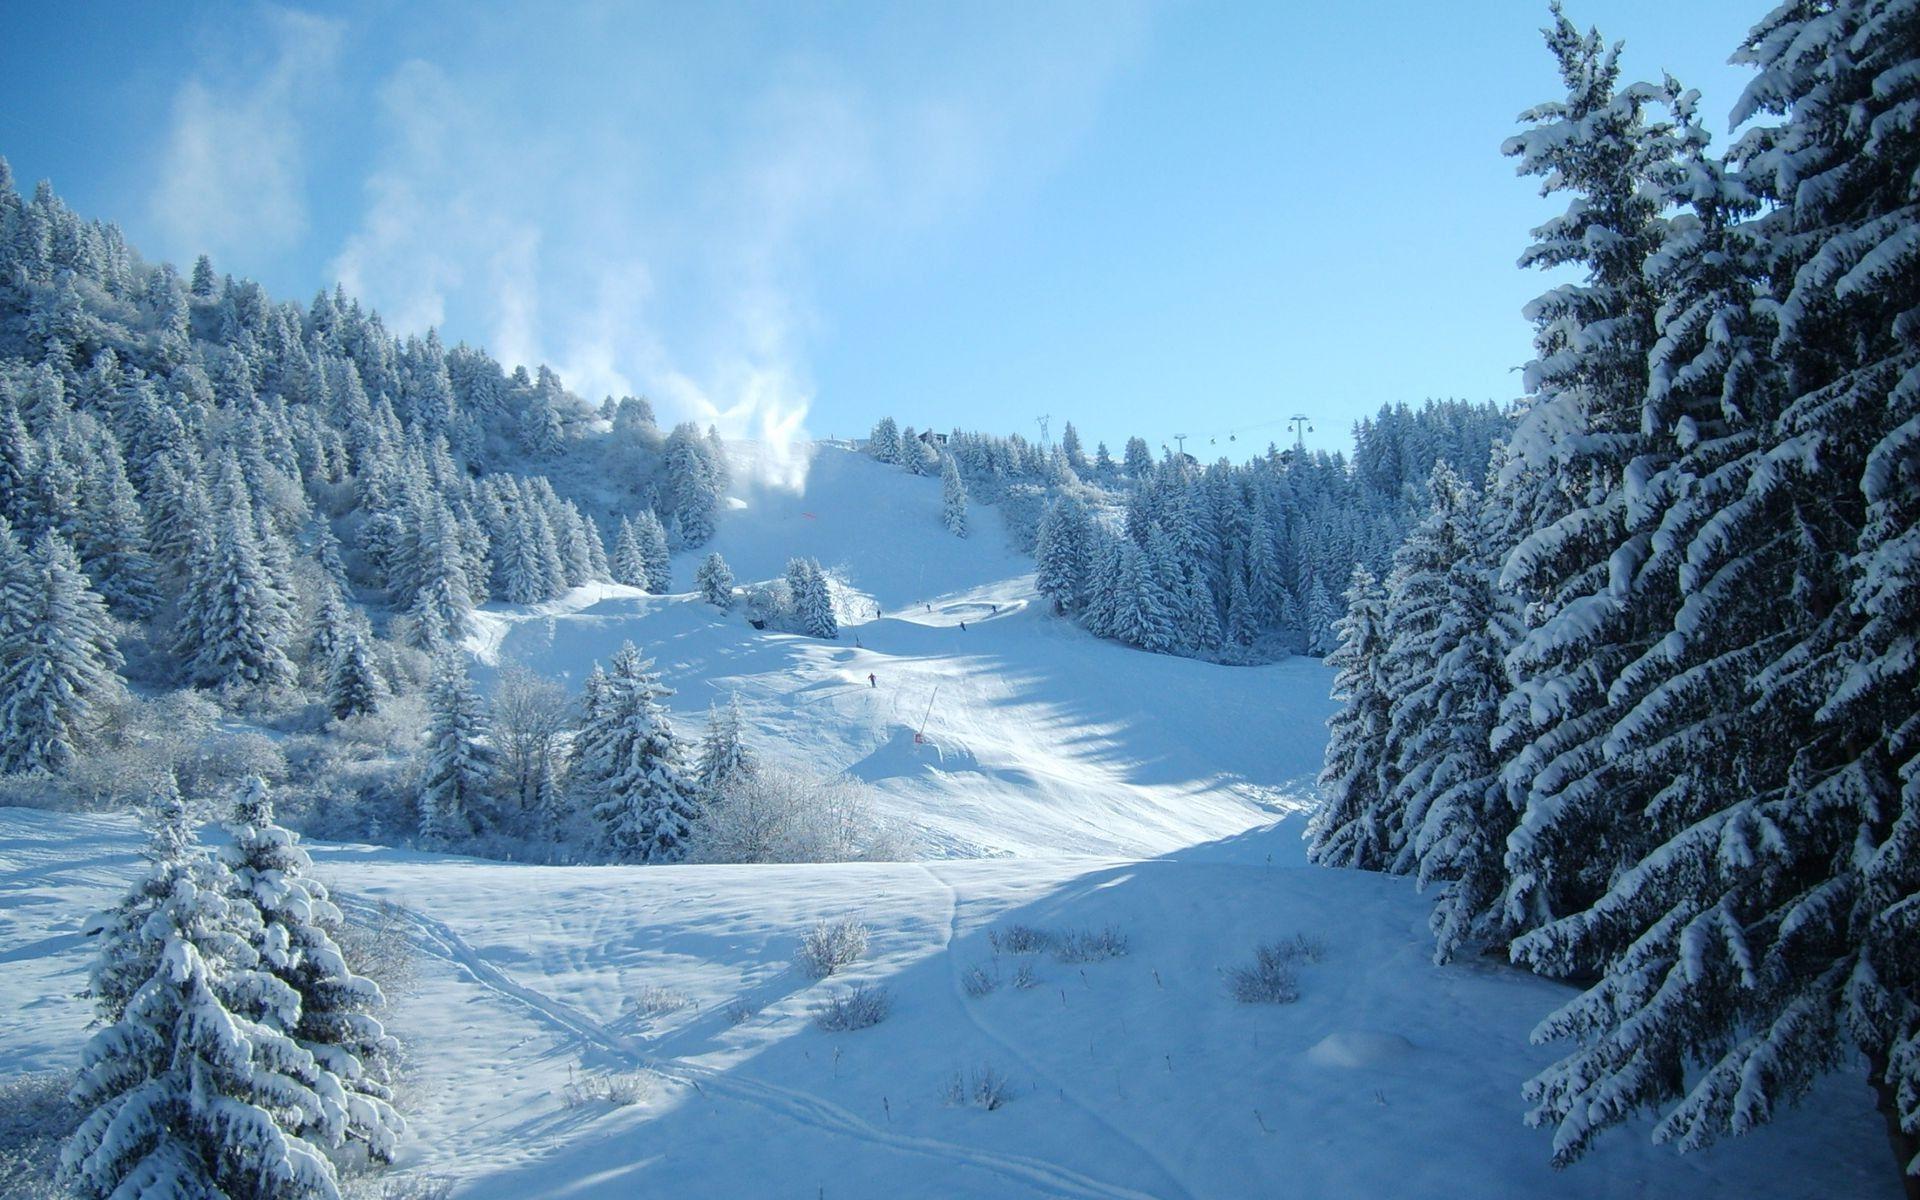 Ski slope wallpaper 17044 1920x1200